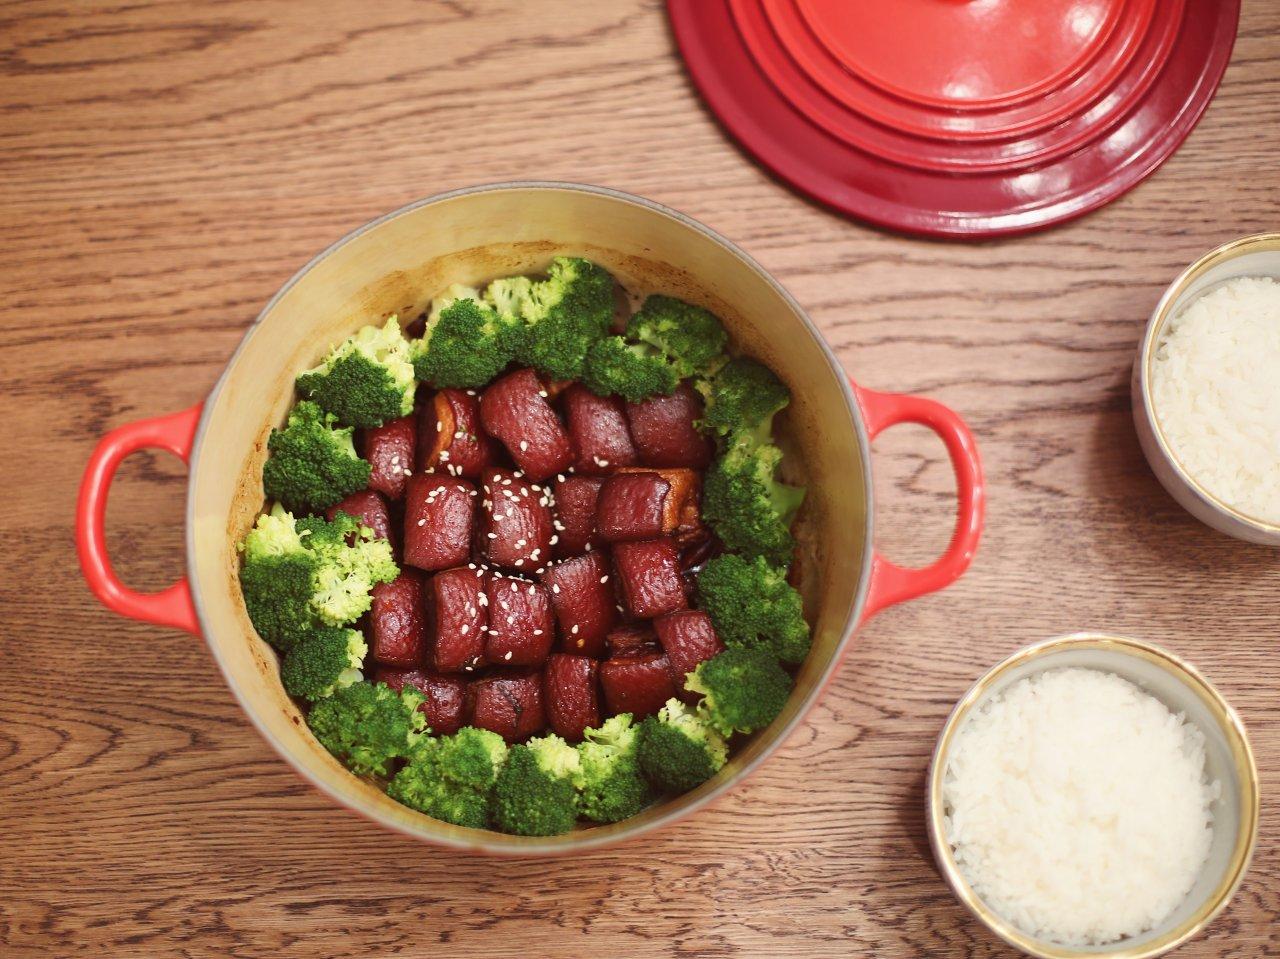 Le Creuset铸铁锅硬菜全指南 (东坡肉+咖喱虾+黄焖鸡+炖牛腩+参鸡汤)